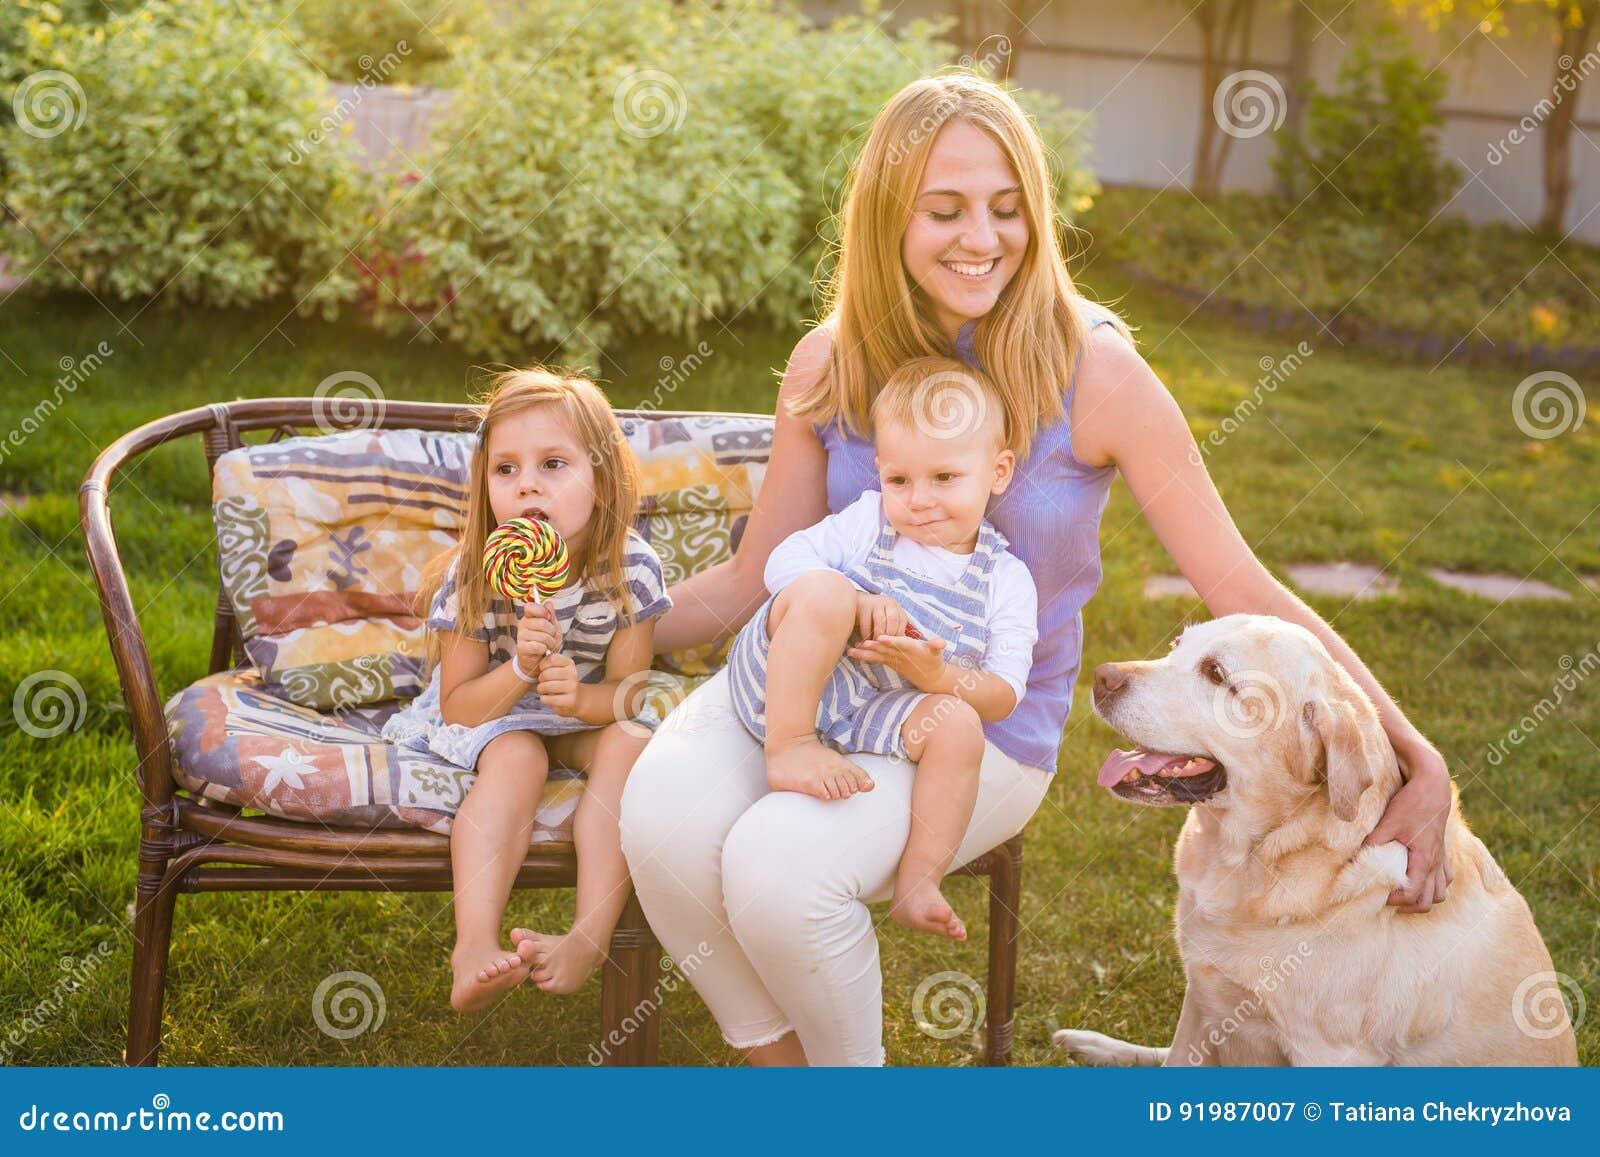 Μητέρα και τα παιδιά της που χαλαρώνουν στον κήπο με το σκυλί της Pet Ευτυχές οικογενειακό παιχνίδι με retriever του Λαμπραντόρ τ